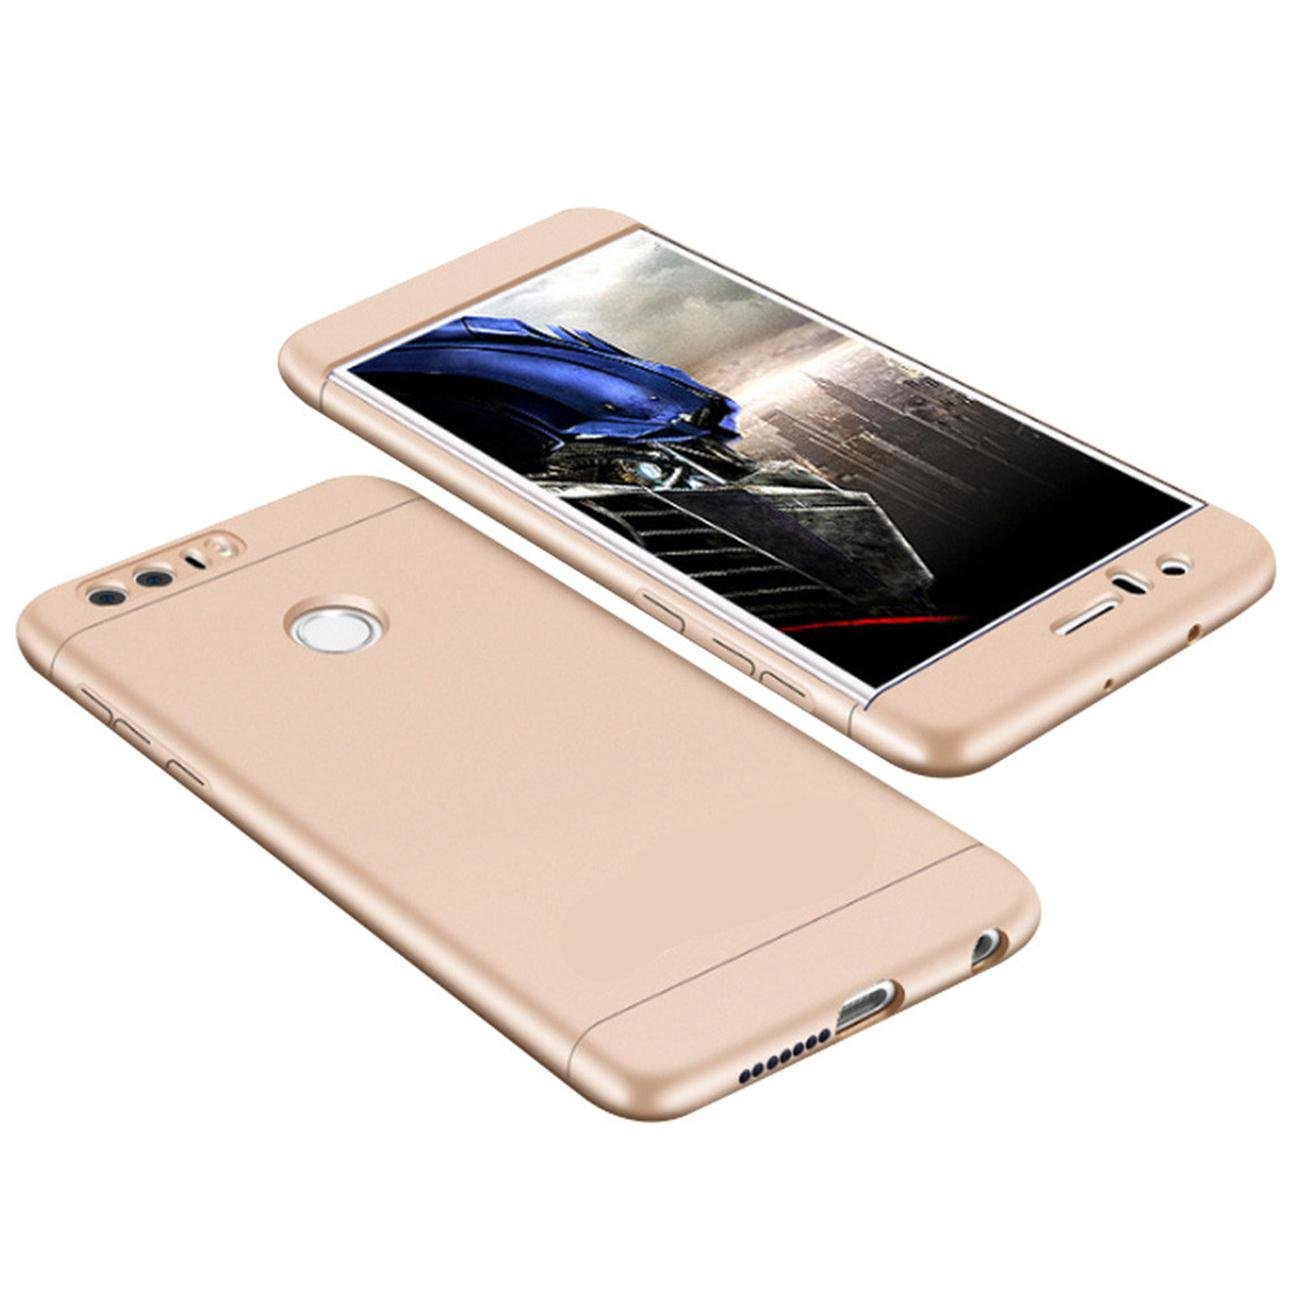 Huawei Honor 8 Carcasa 3 en 1 Bumper ultra delgado Carcasa ...